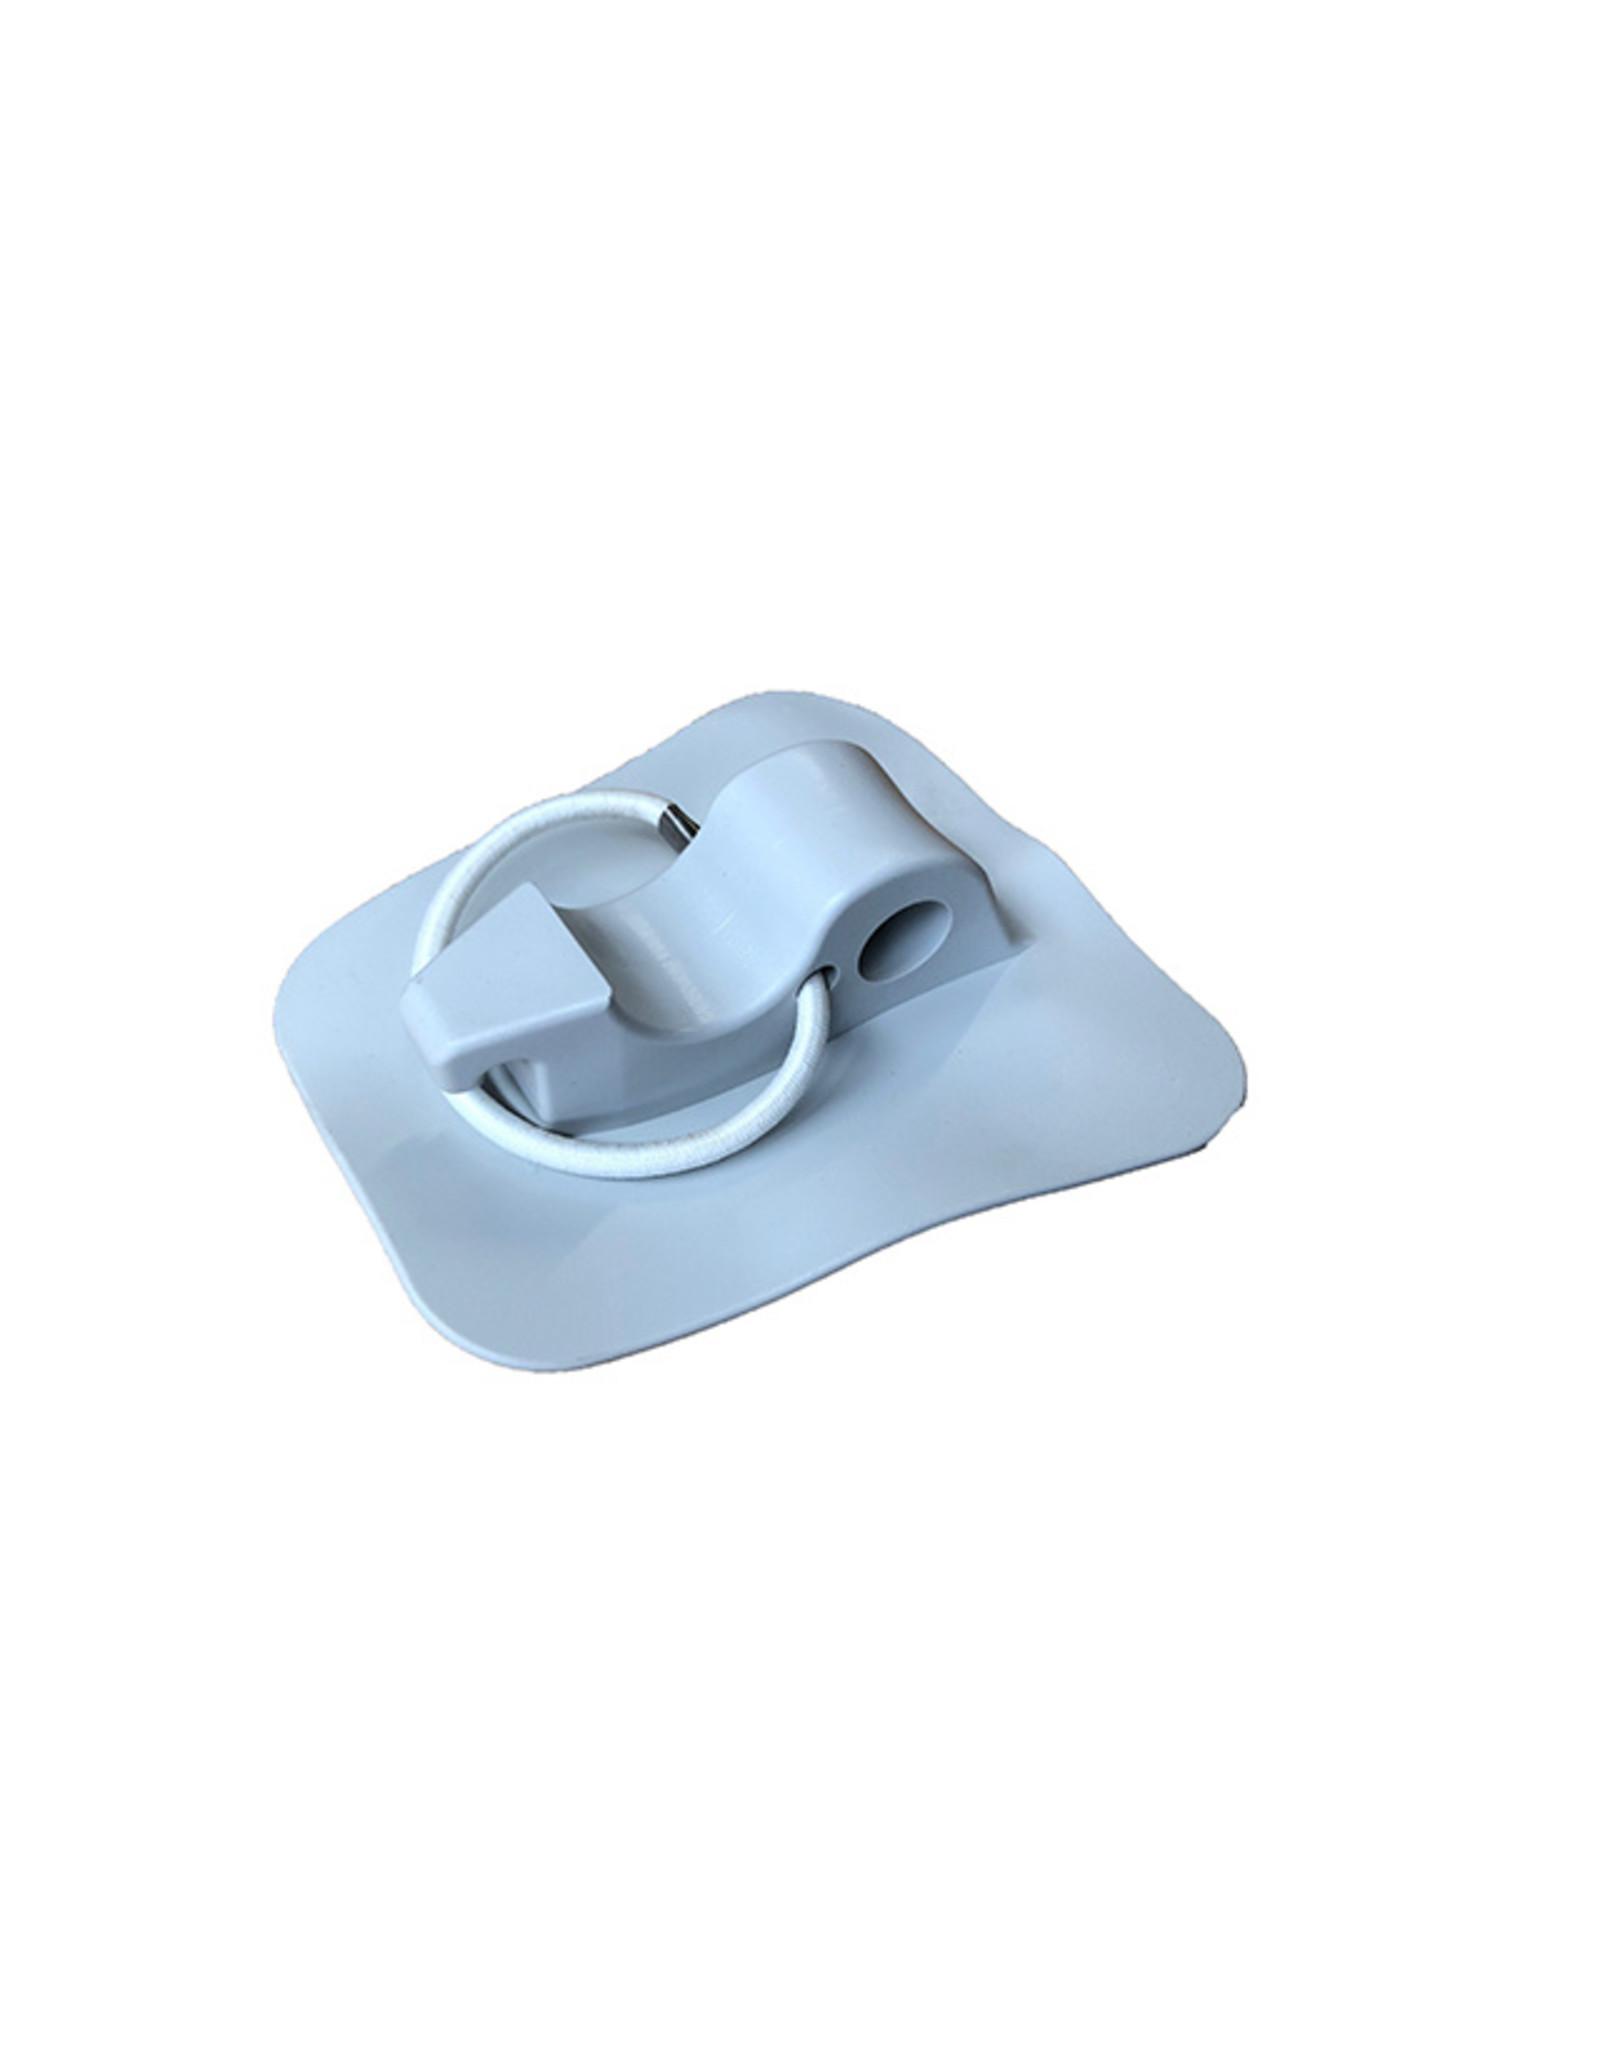 Quicksilver Mercury / Quicksilver roeispaan houder PVC